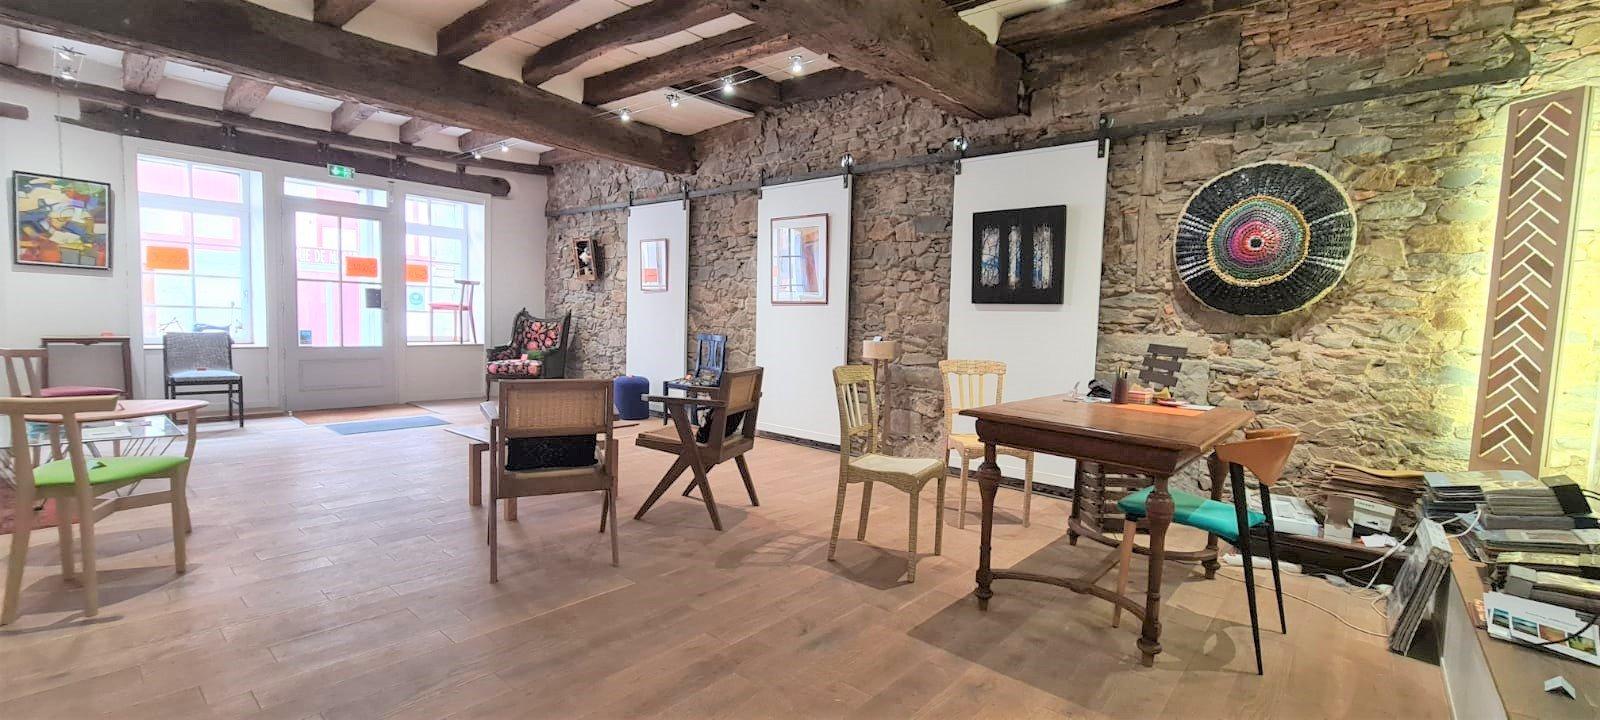 Vente Local commercial possibilité Chambres d'hôtes, Galerie d'art, 300 m2 près de La Bastide-Clairence (64240)